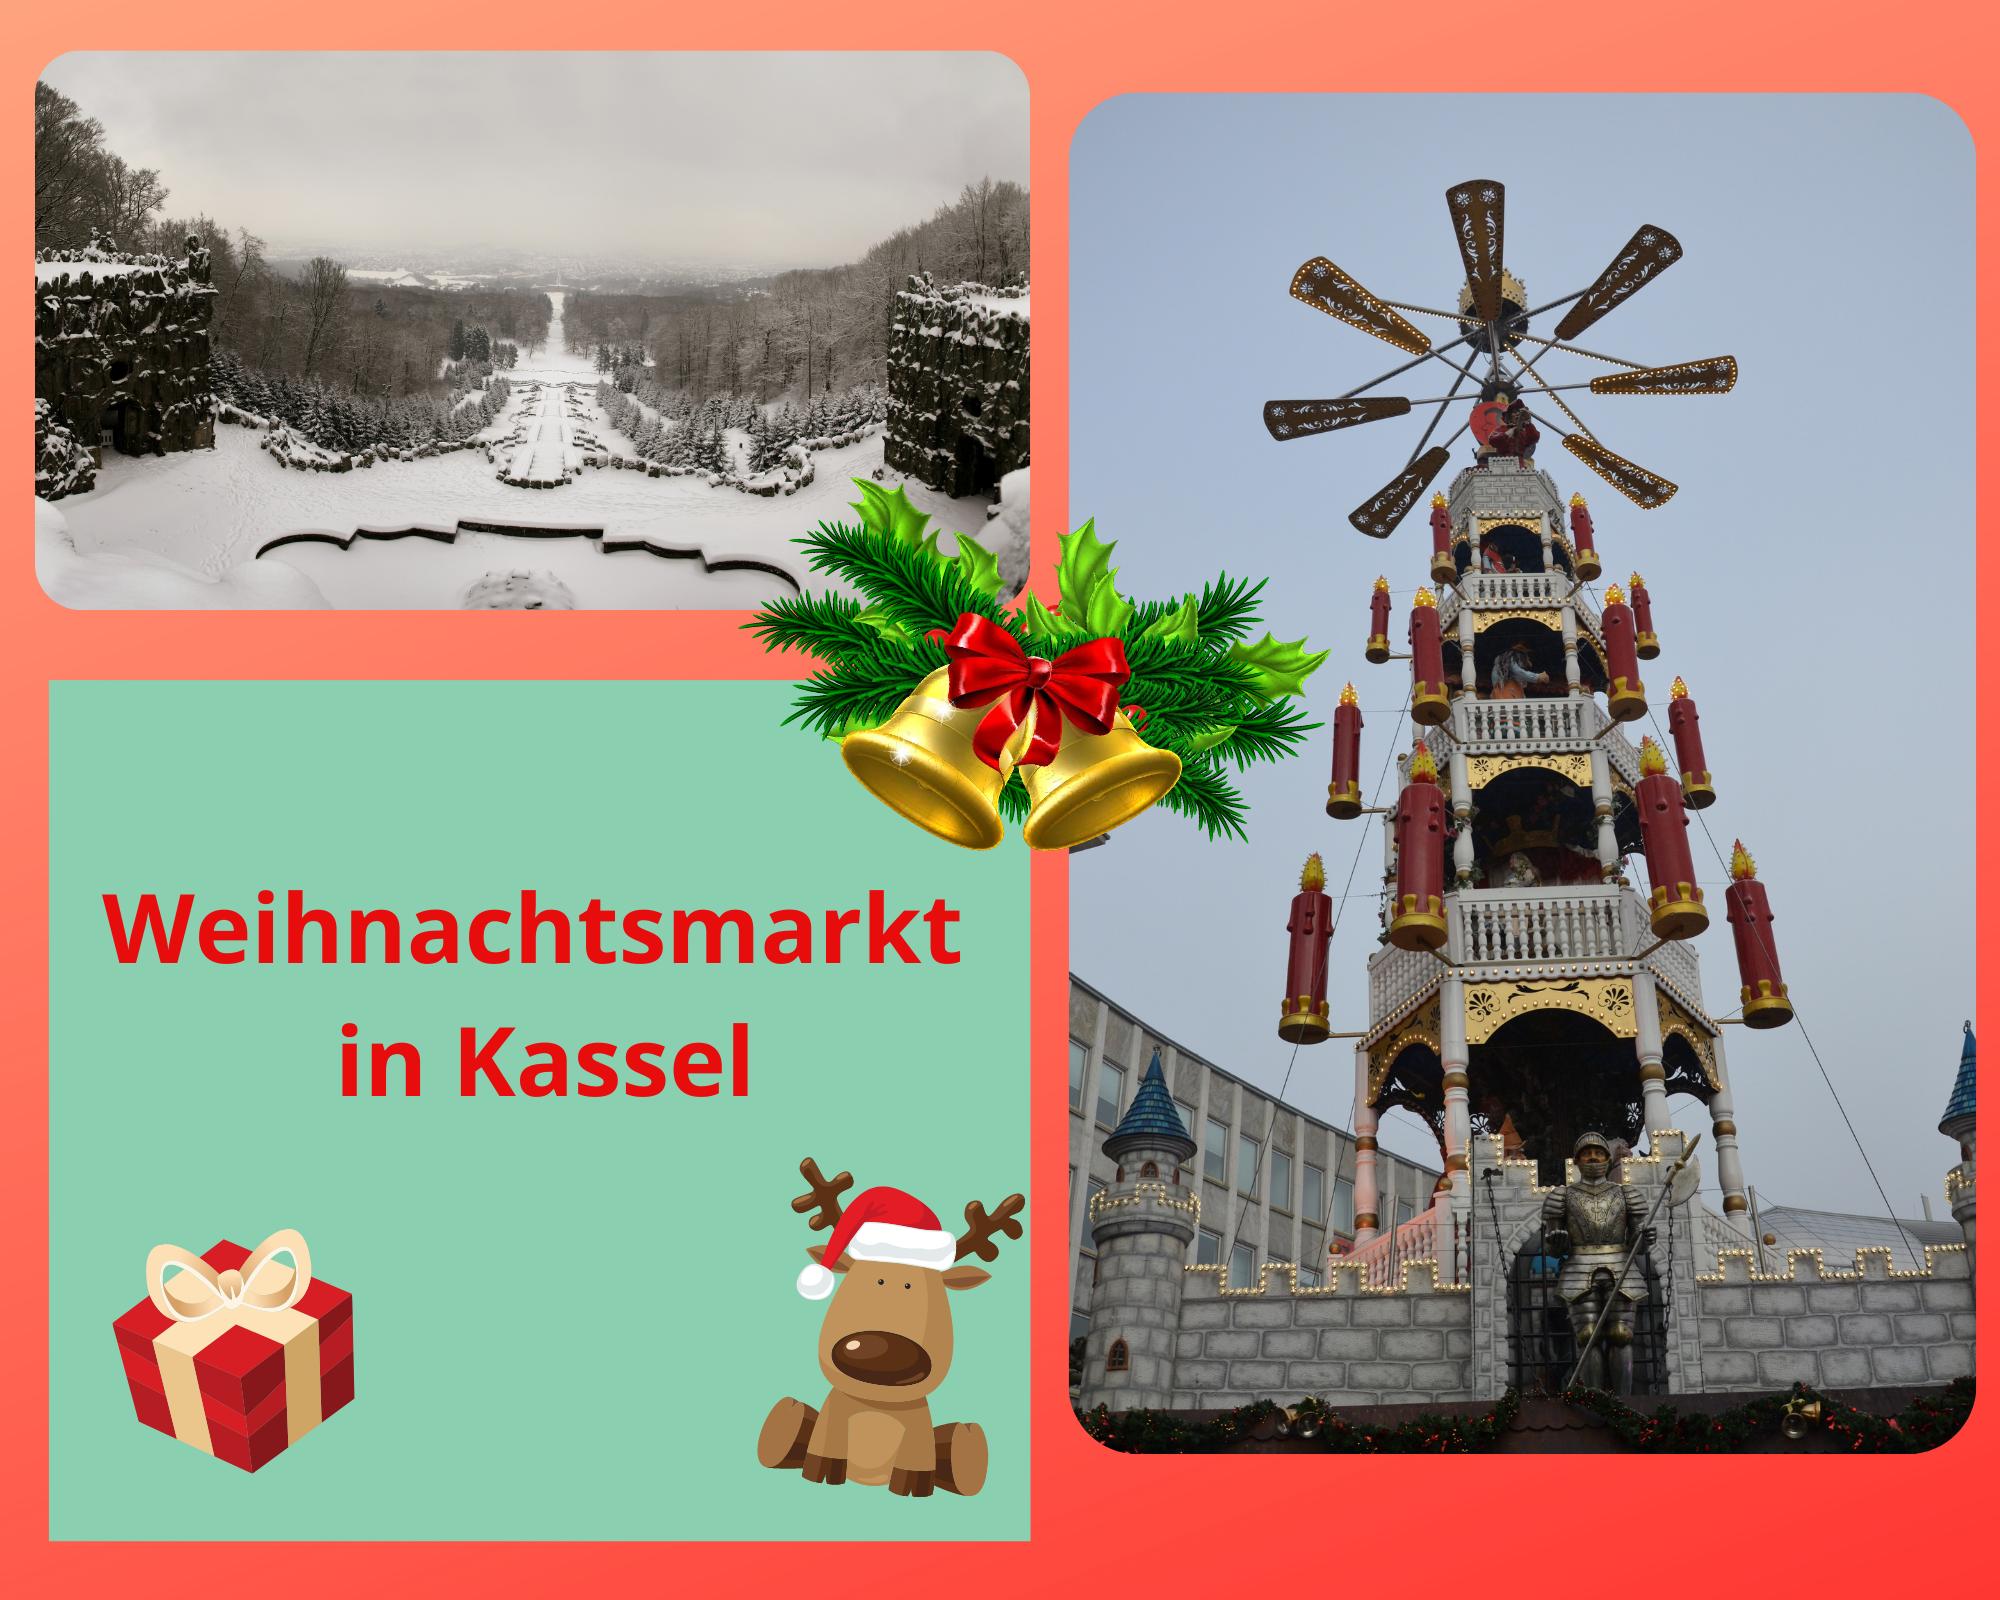 Märchenweihnachtsmarkt in Kasselam 26.11.2021